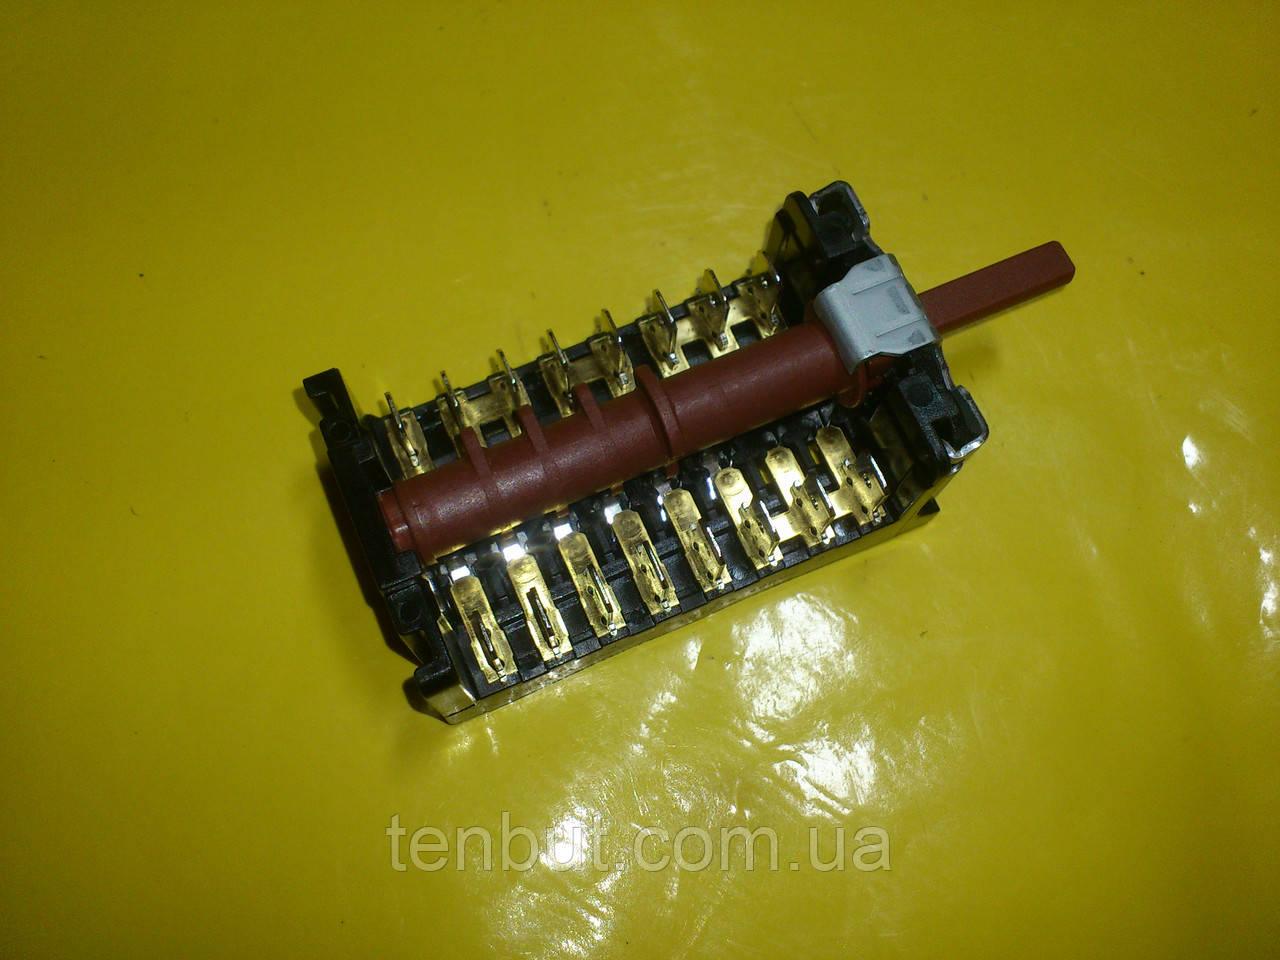 Переключатель 840604к для электроплит Ардо Беко Ханса 4-х позиционный производство Испания Barcelona